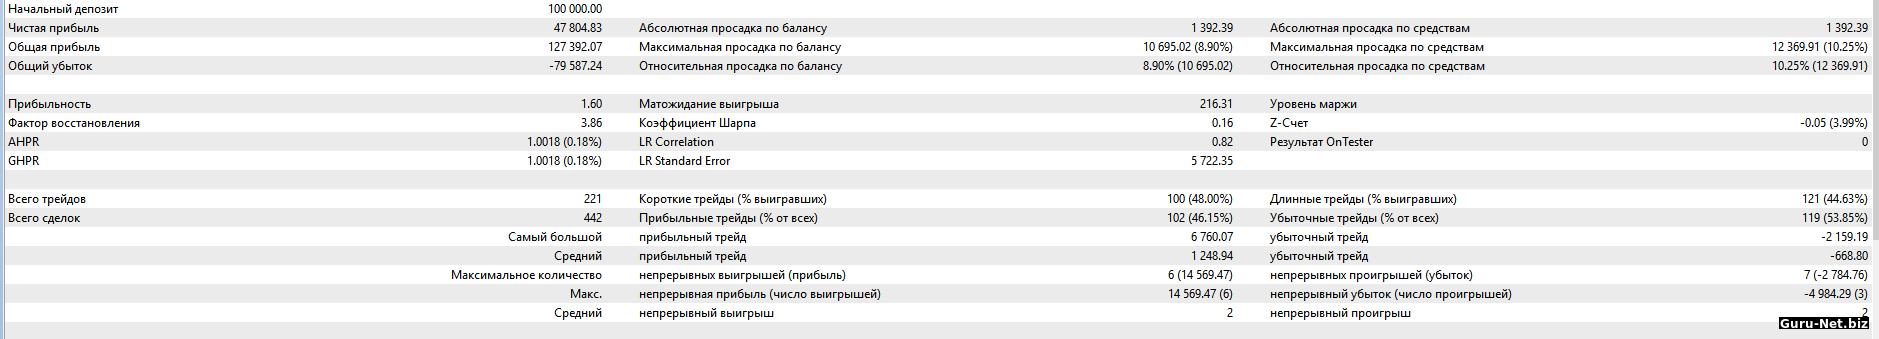 Статистика торговли робота PC без фильтра 2018 BR